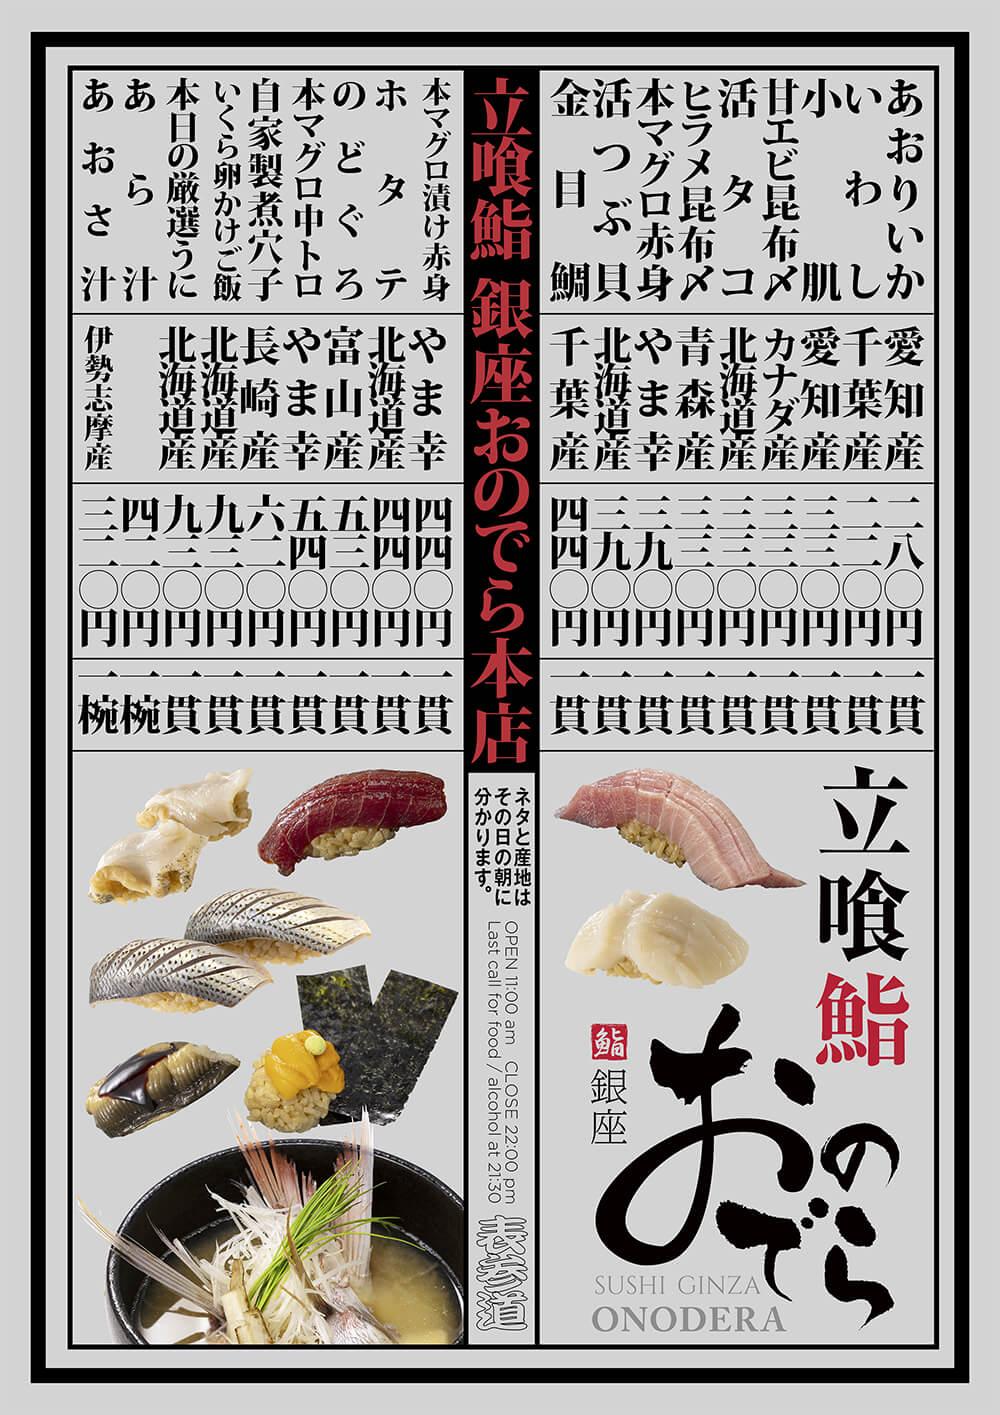 立喰鮨グランドメニュー1